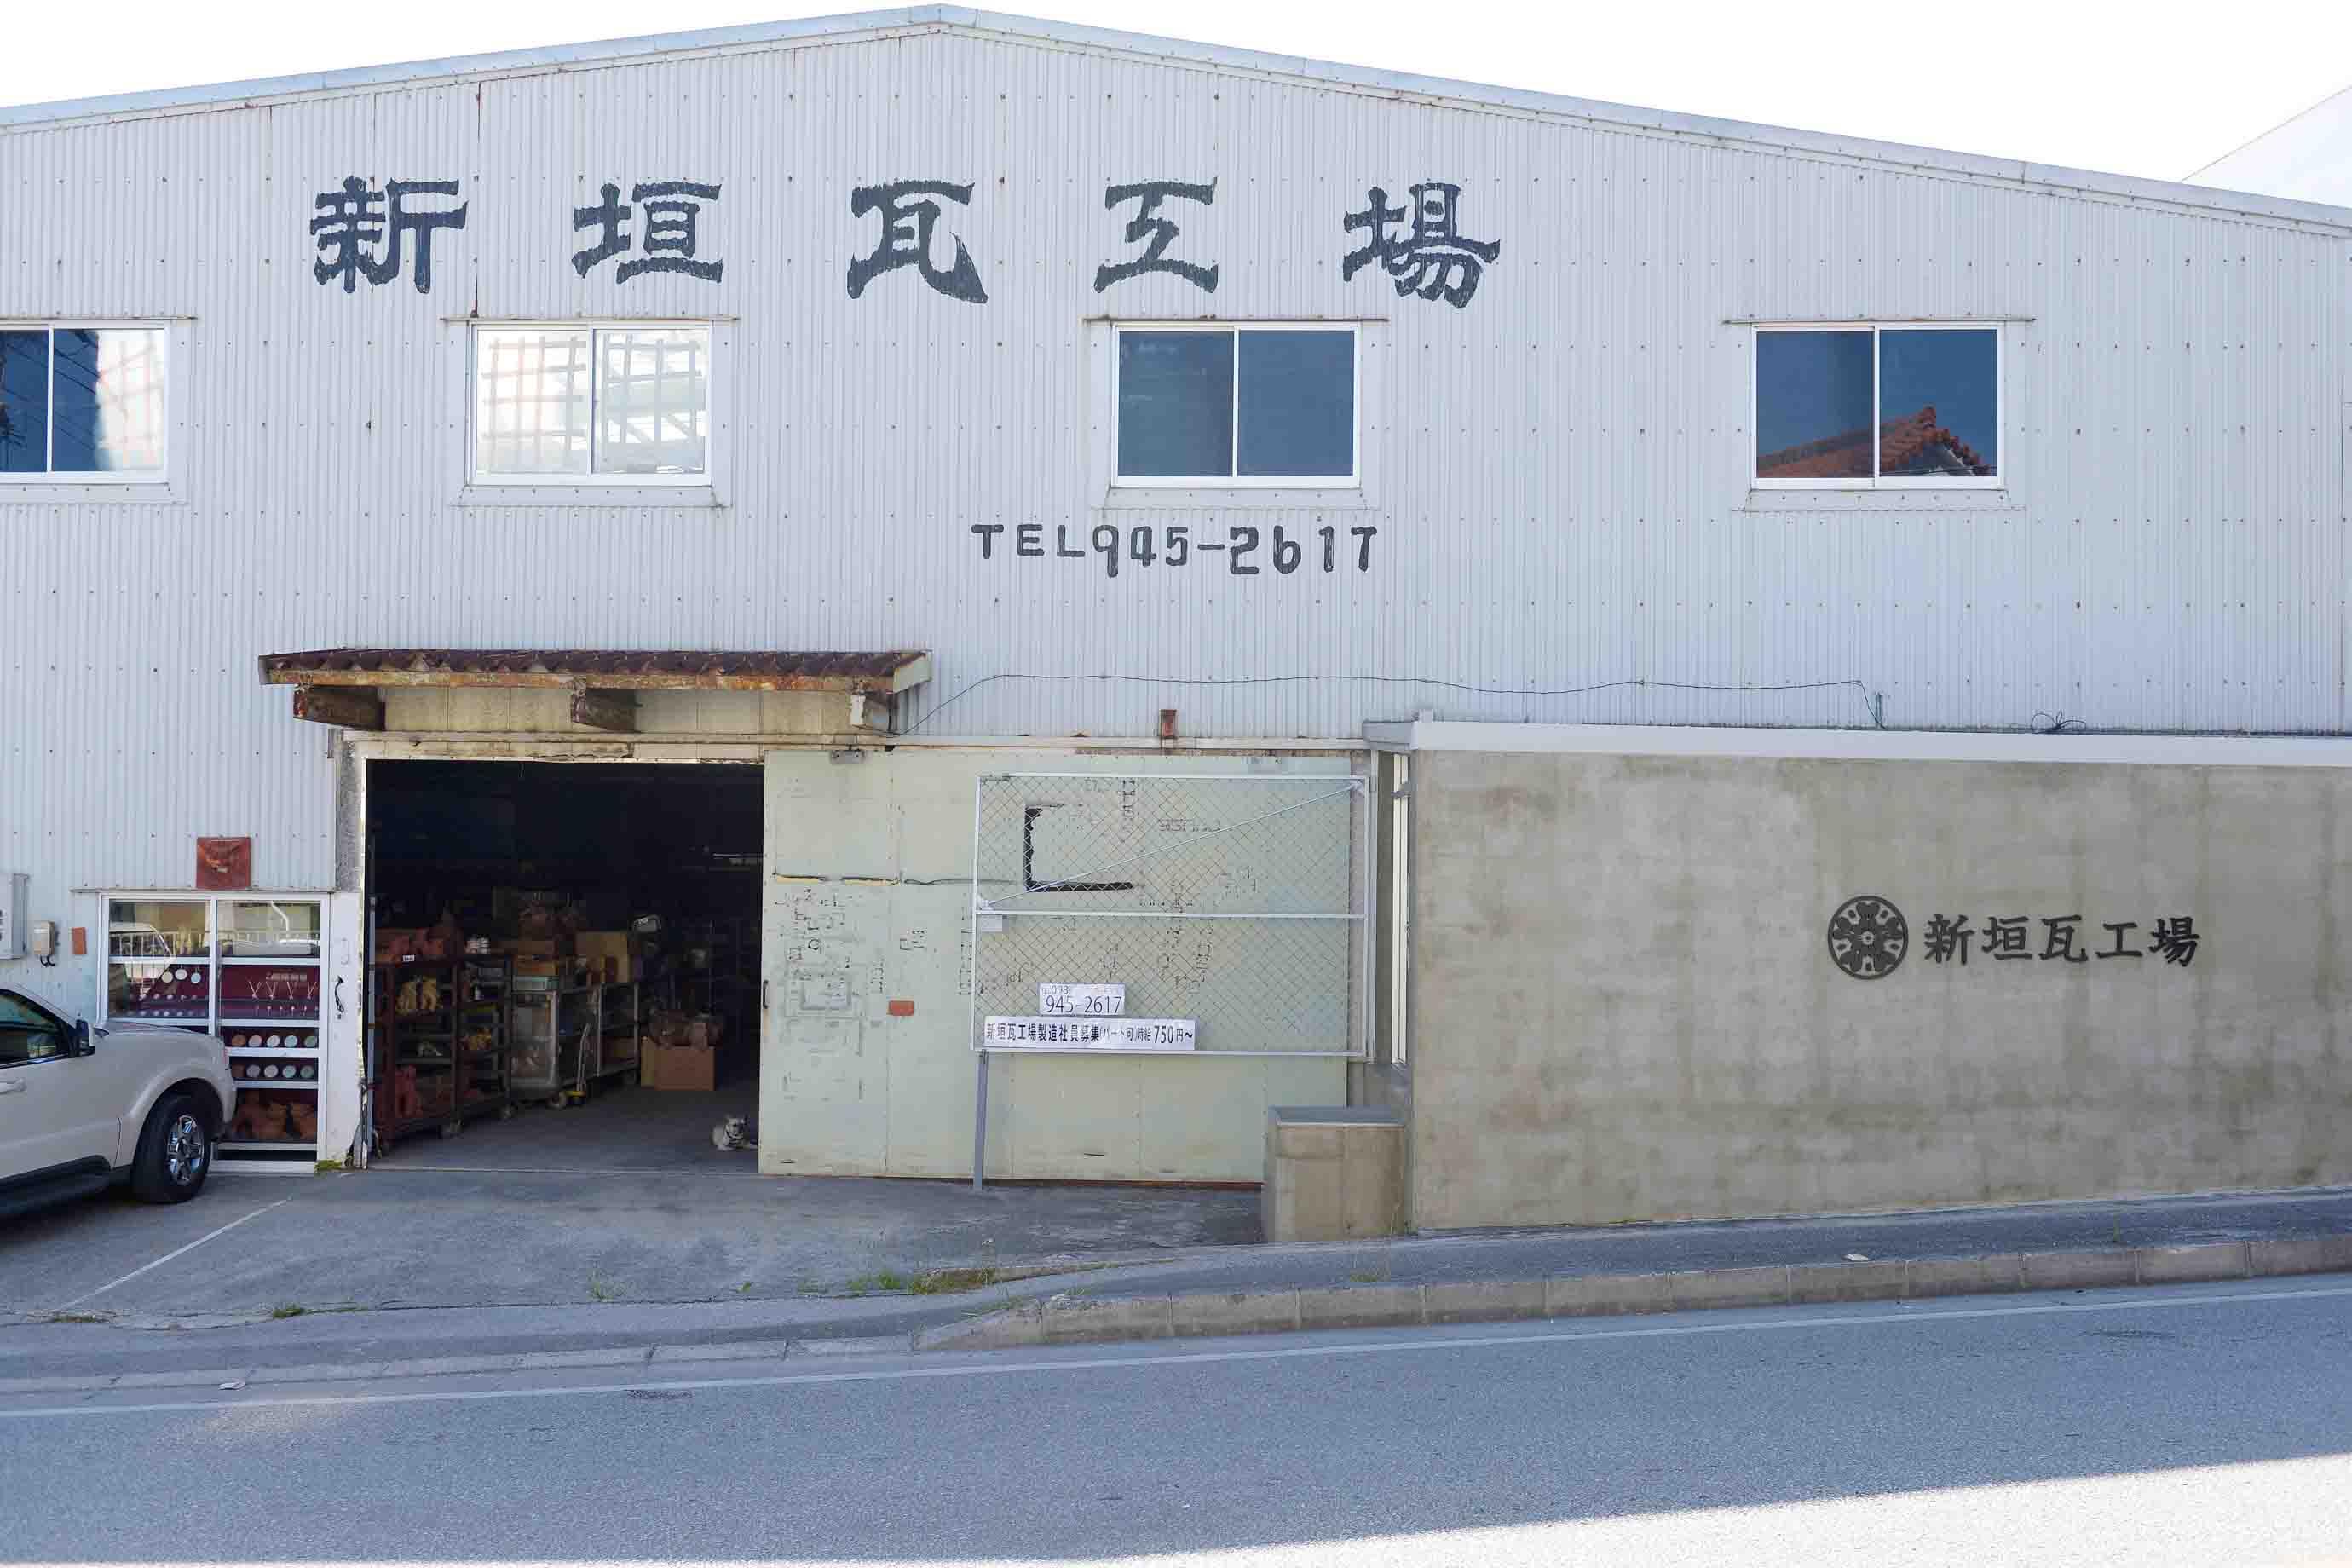 赤瓦の一大産地であった与那原町にある、新垣瓦工場